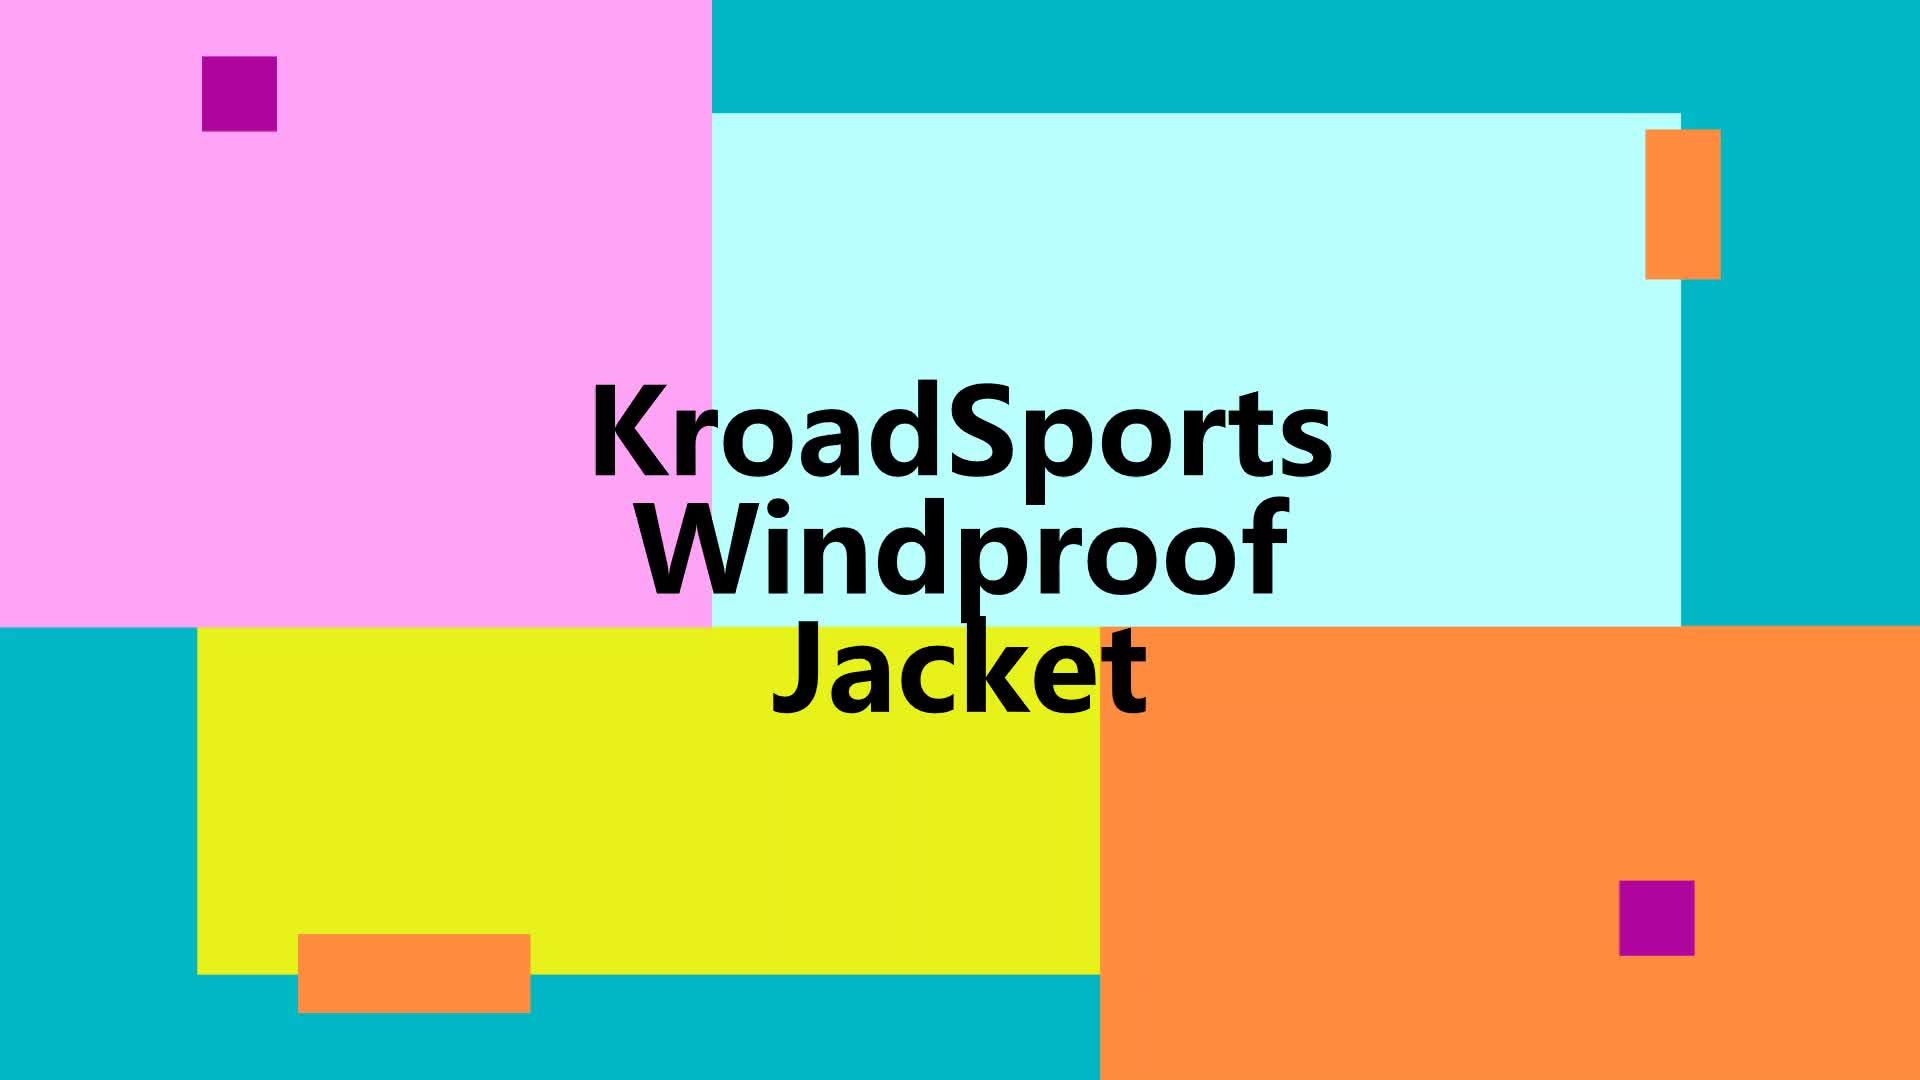 2019 KCOA Toptan UV Geçirmez Su Geçirmez Kadın ve Erkek rüzgar geçirmez ceket